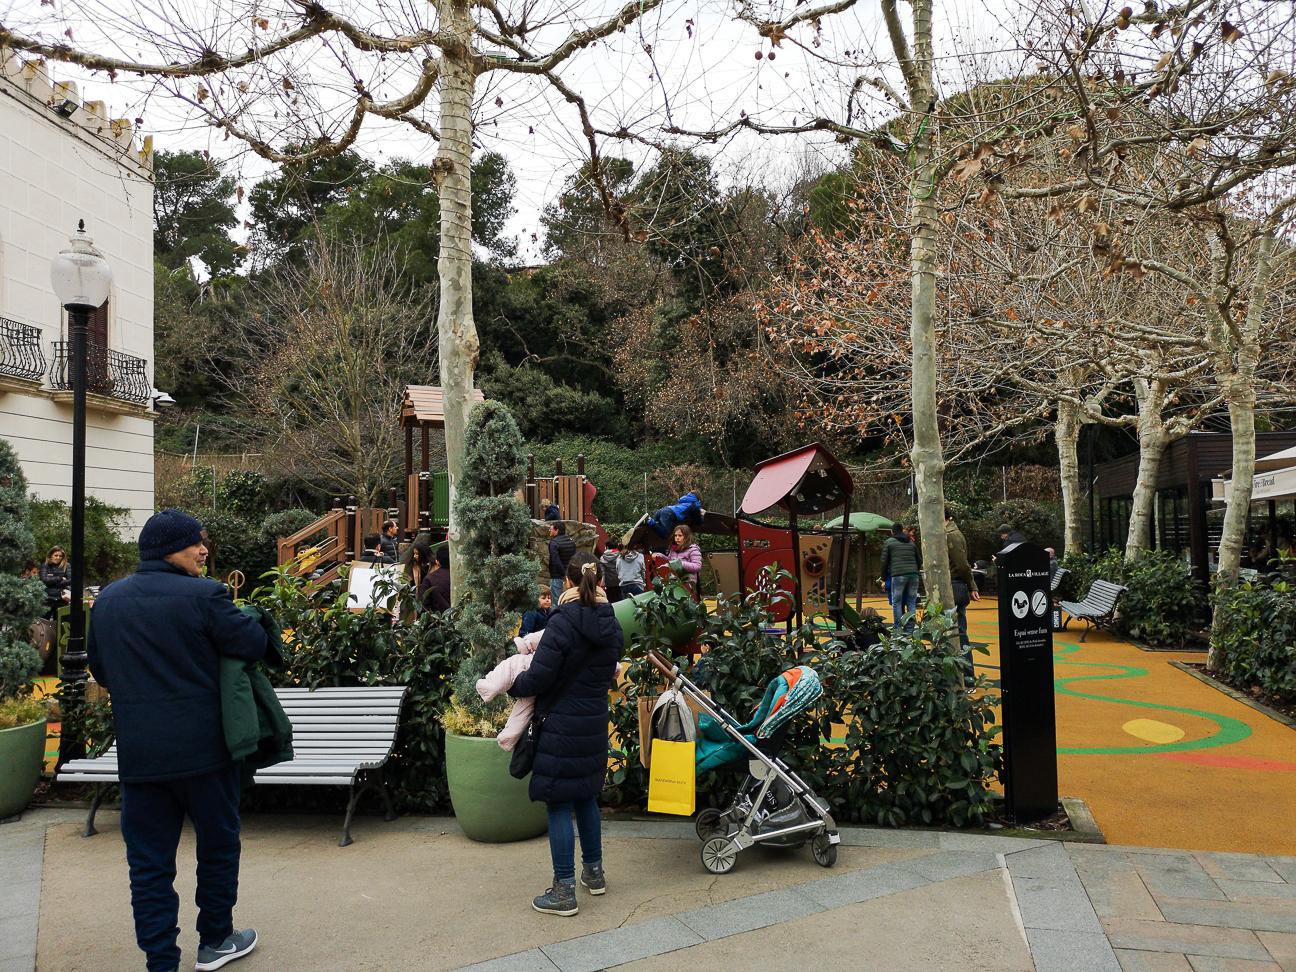 Parque infantil Roca Village